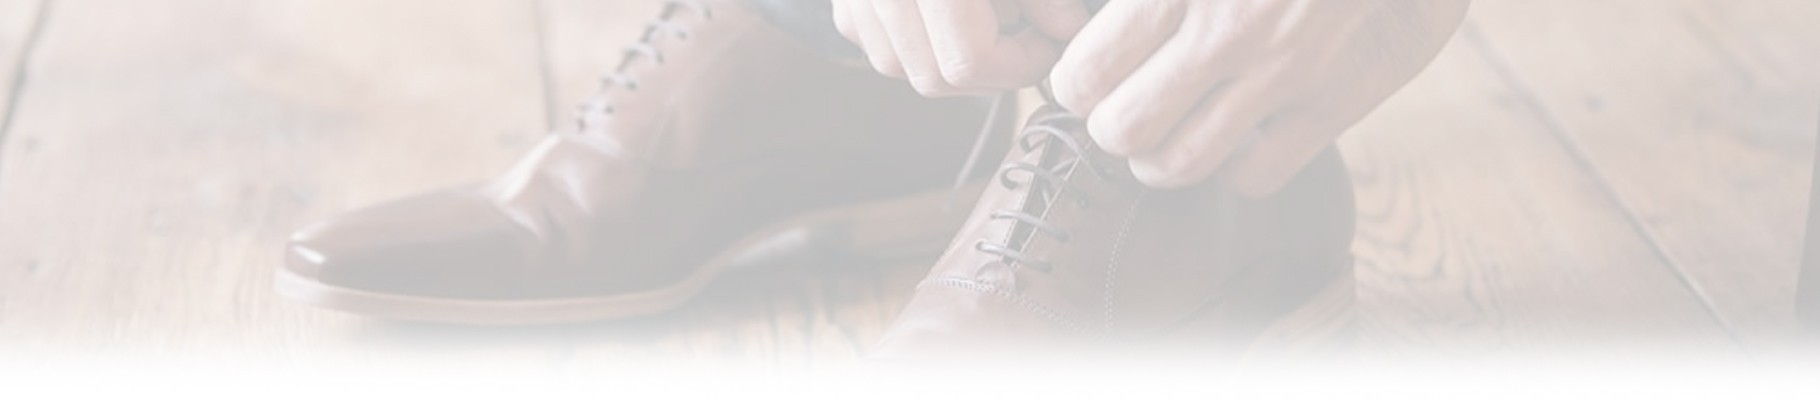 Le scarpe da uomo sono l'accessorio più ricercato made in italy